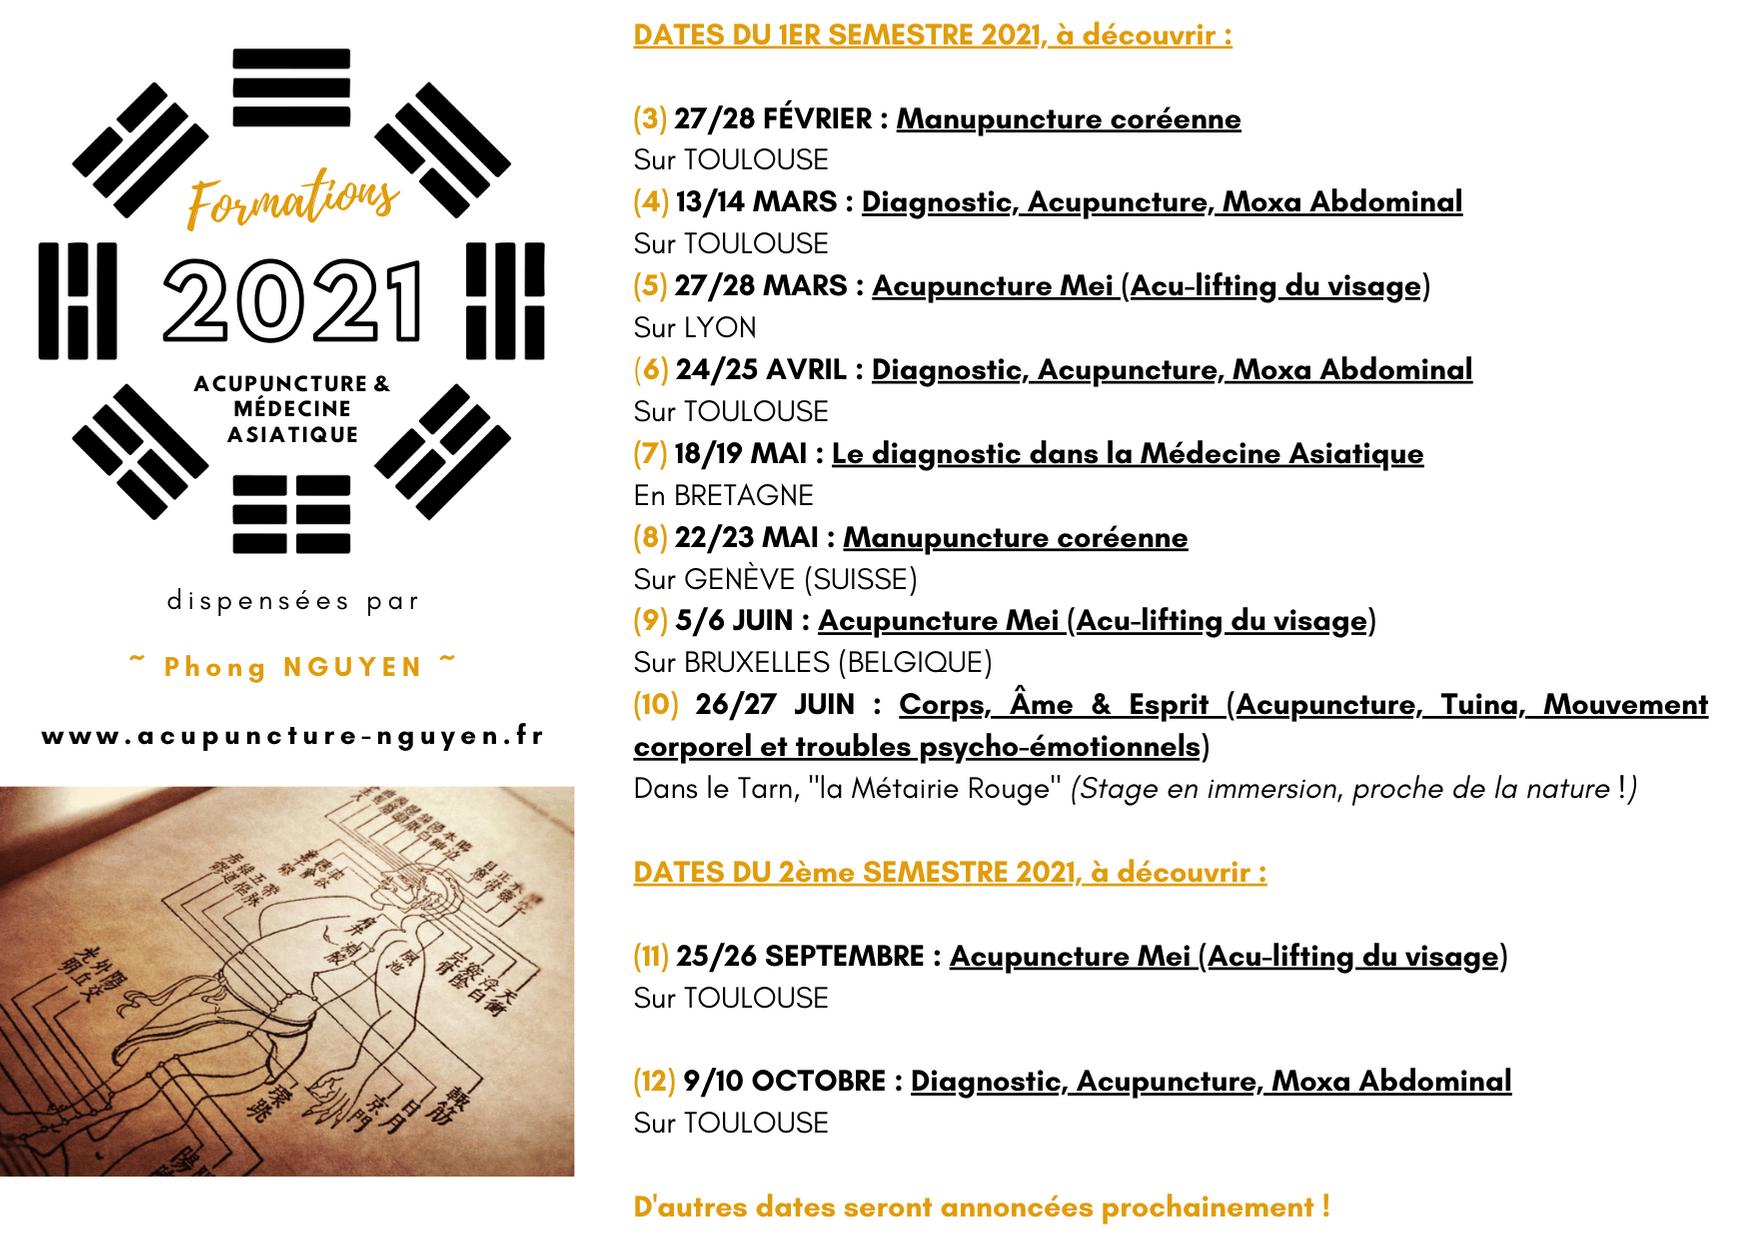 Programme de formation acupuncture 2021